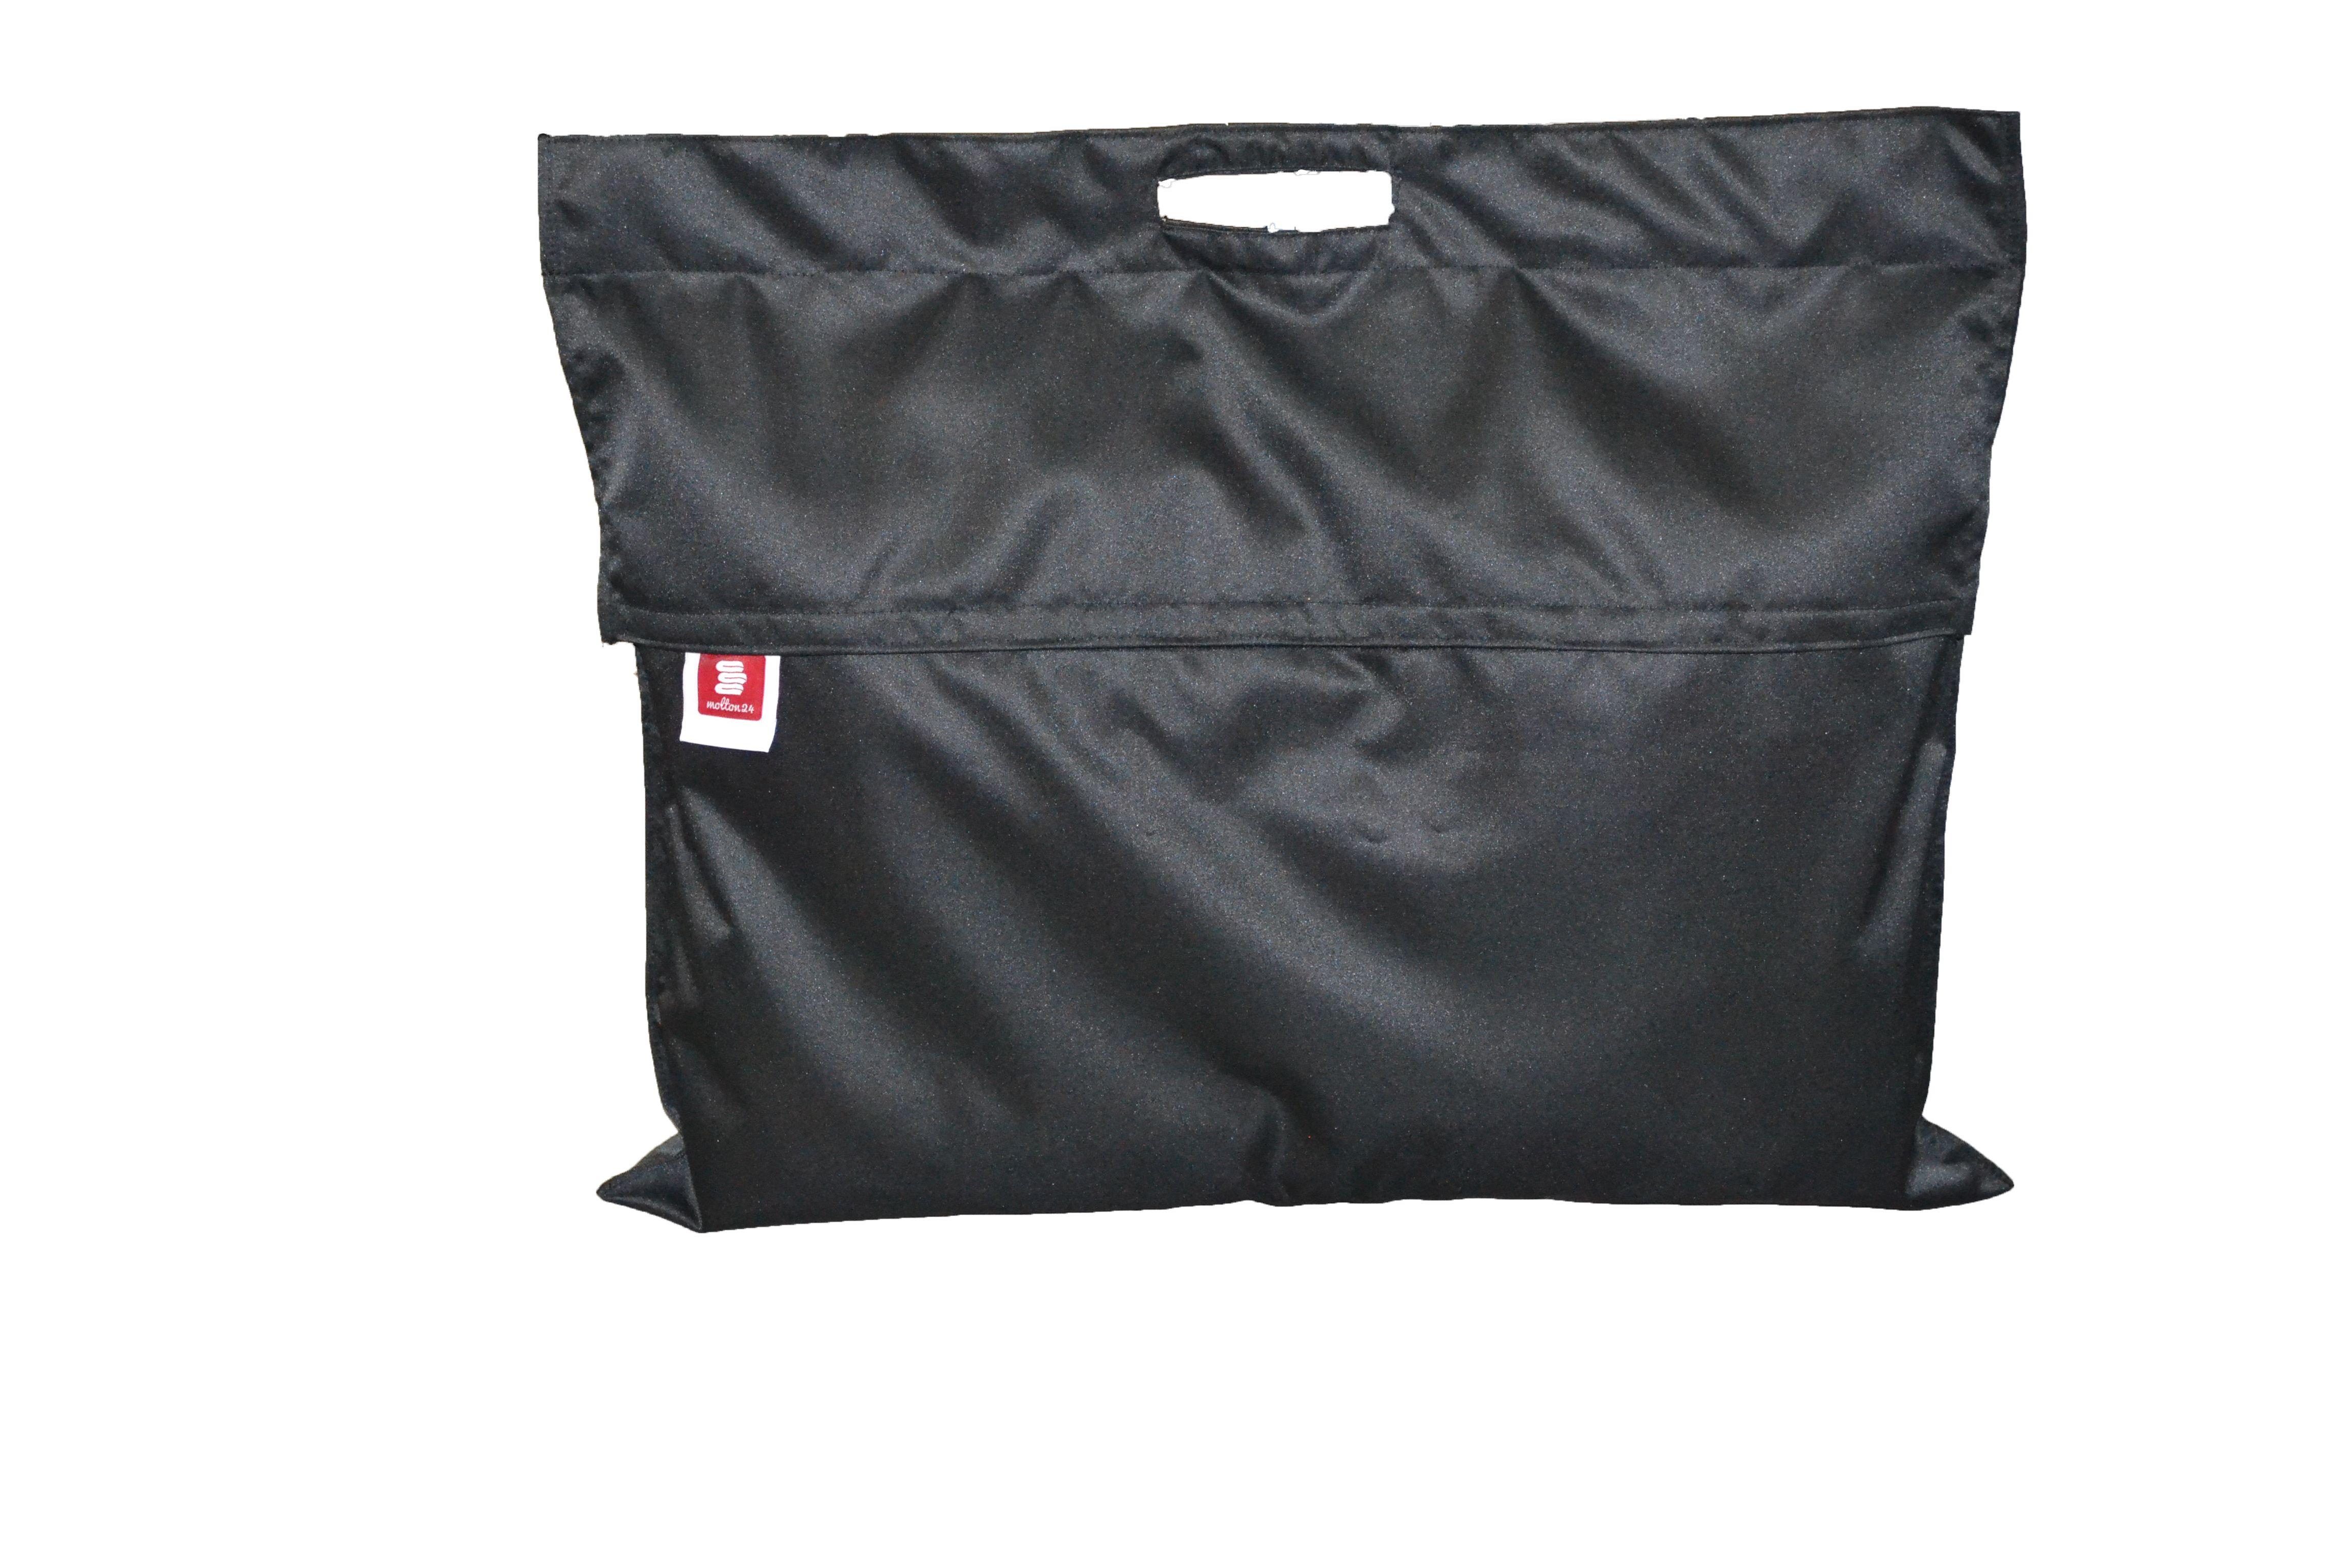 schutztasche f r vorh nge schwarz zubeh r molton stoffe molton vom fachspezialisten. Black Bedroom Furniture Sets. Home Design Ideas